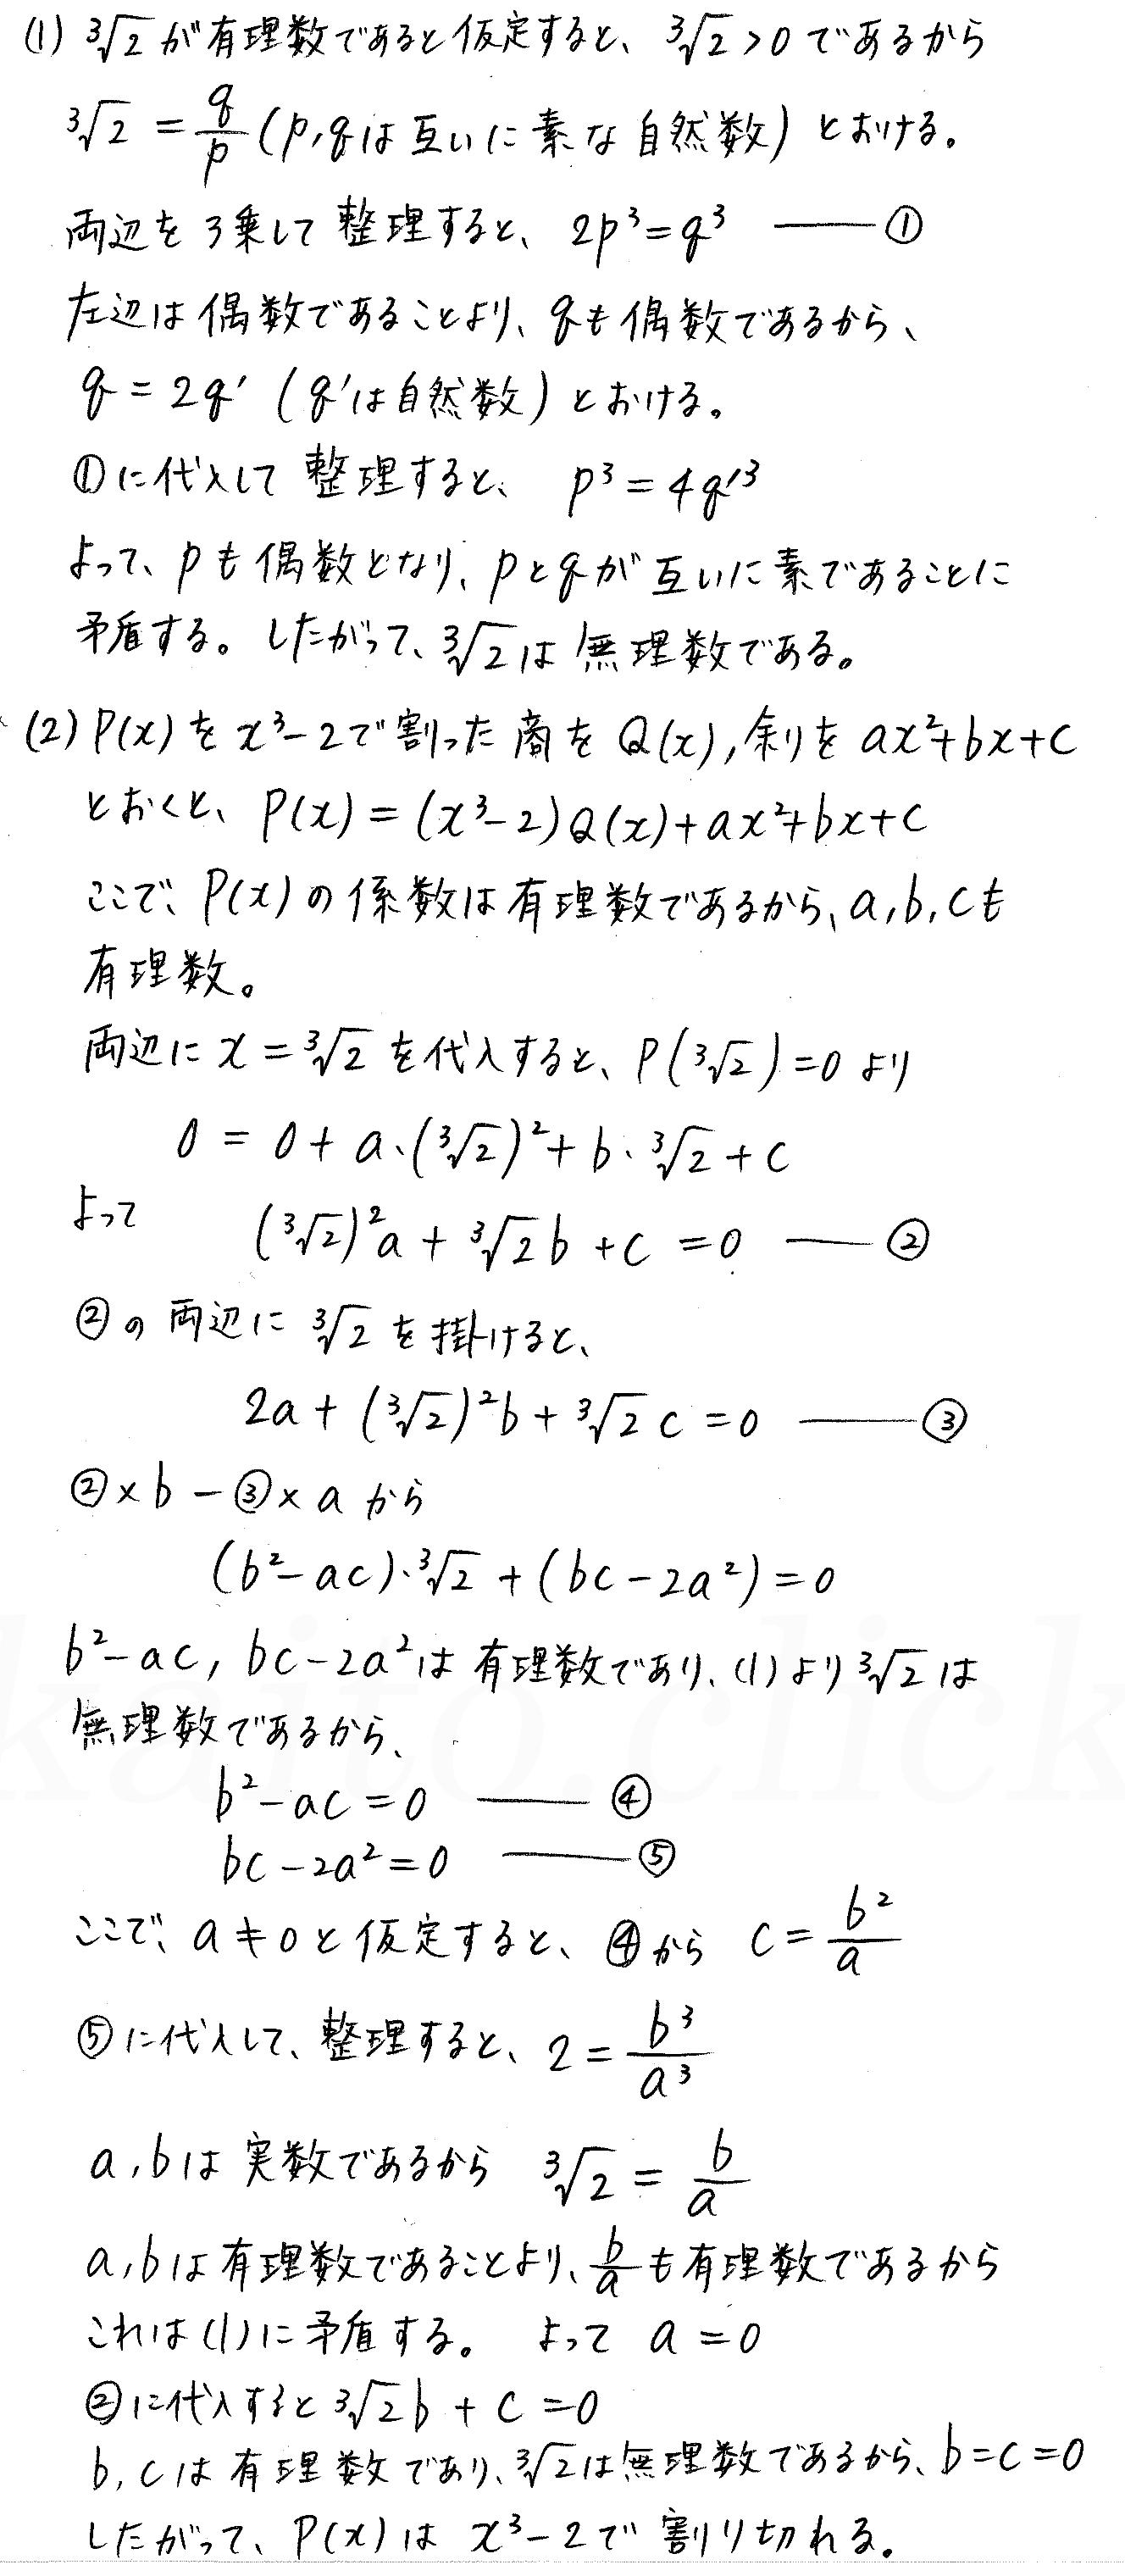 クリアー数学演習12AB受験編-42解答